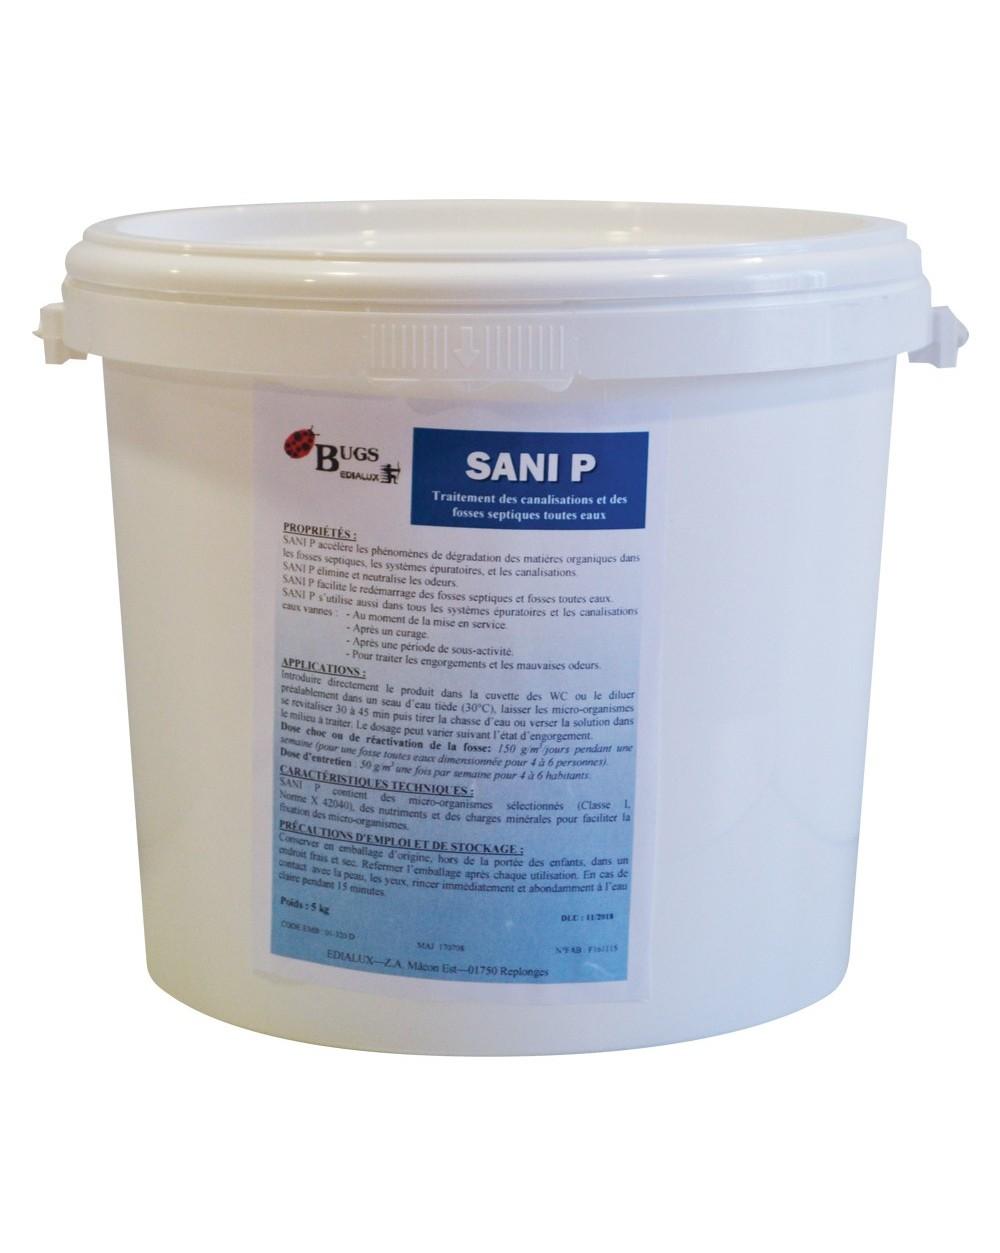 SANI P 5 Traitement des fosses septiques en 5 kg